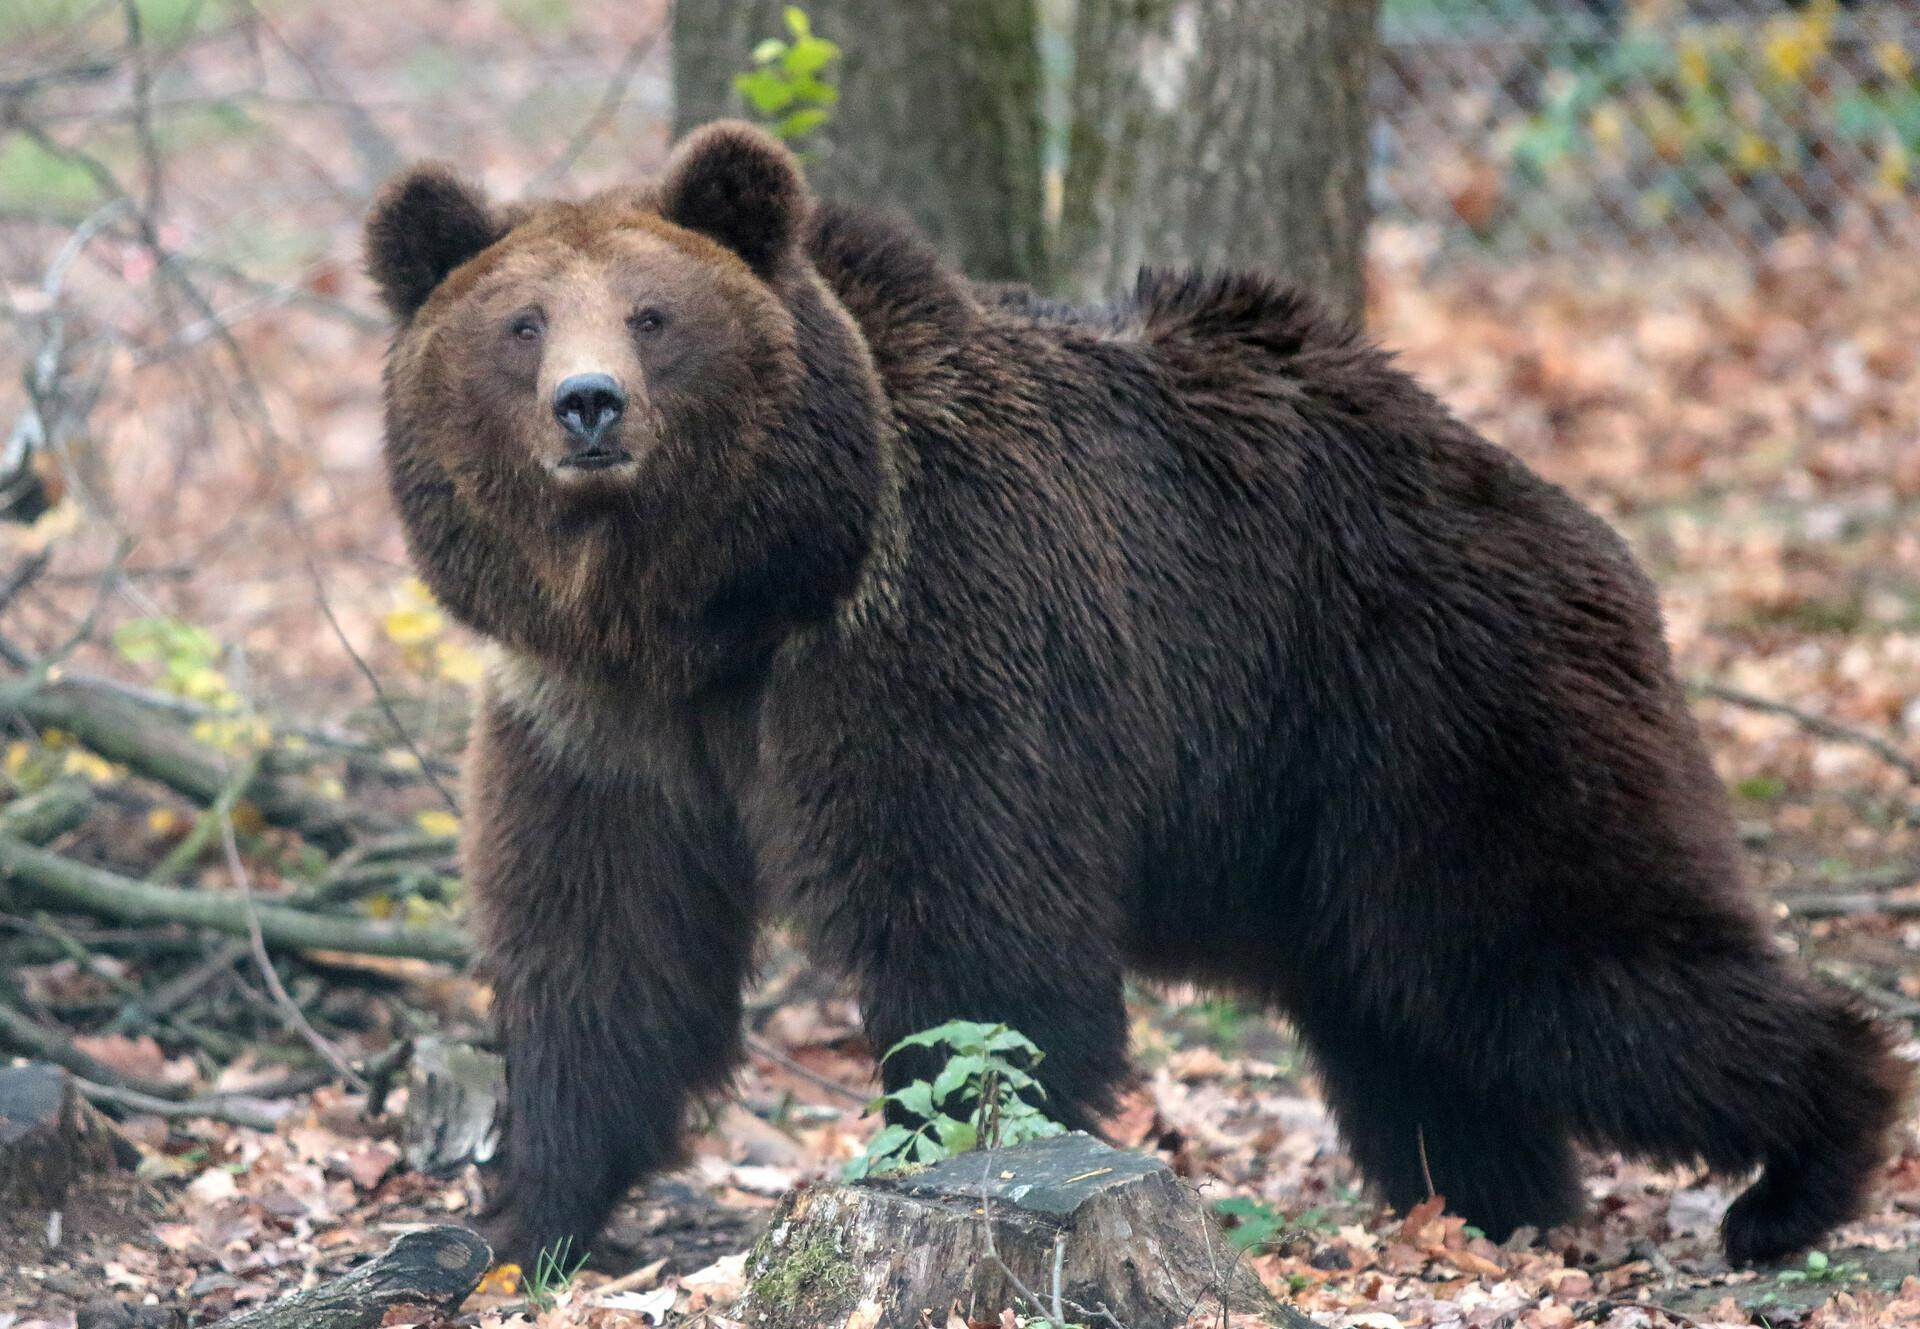 Bear looks surprised